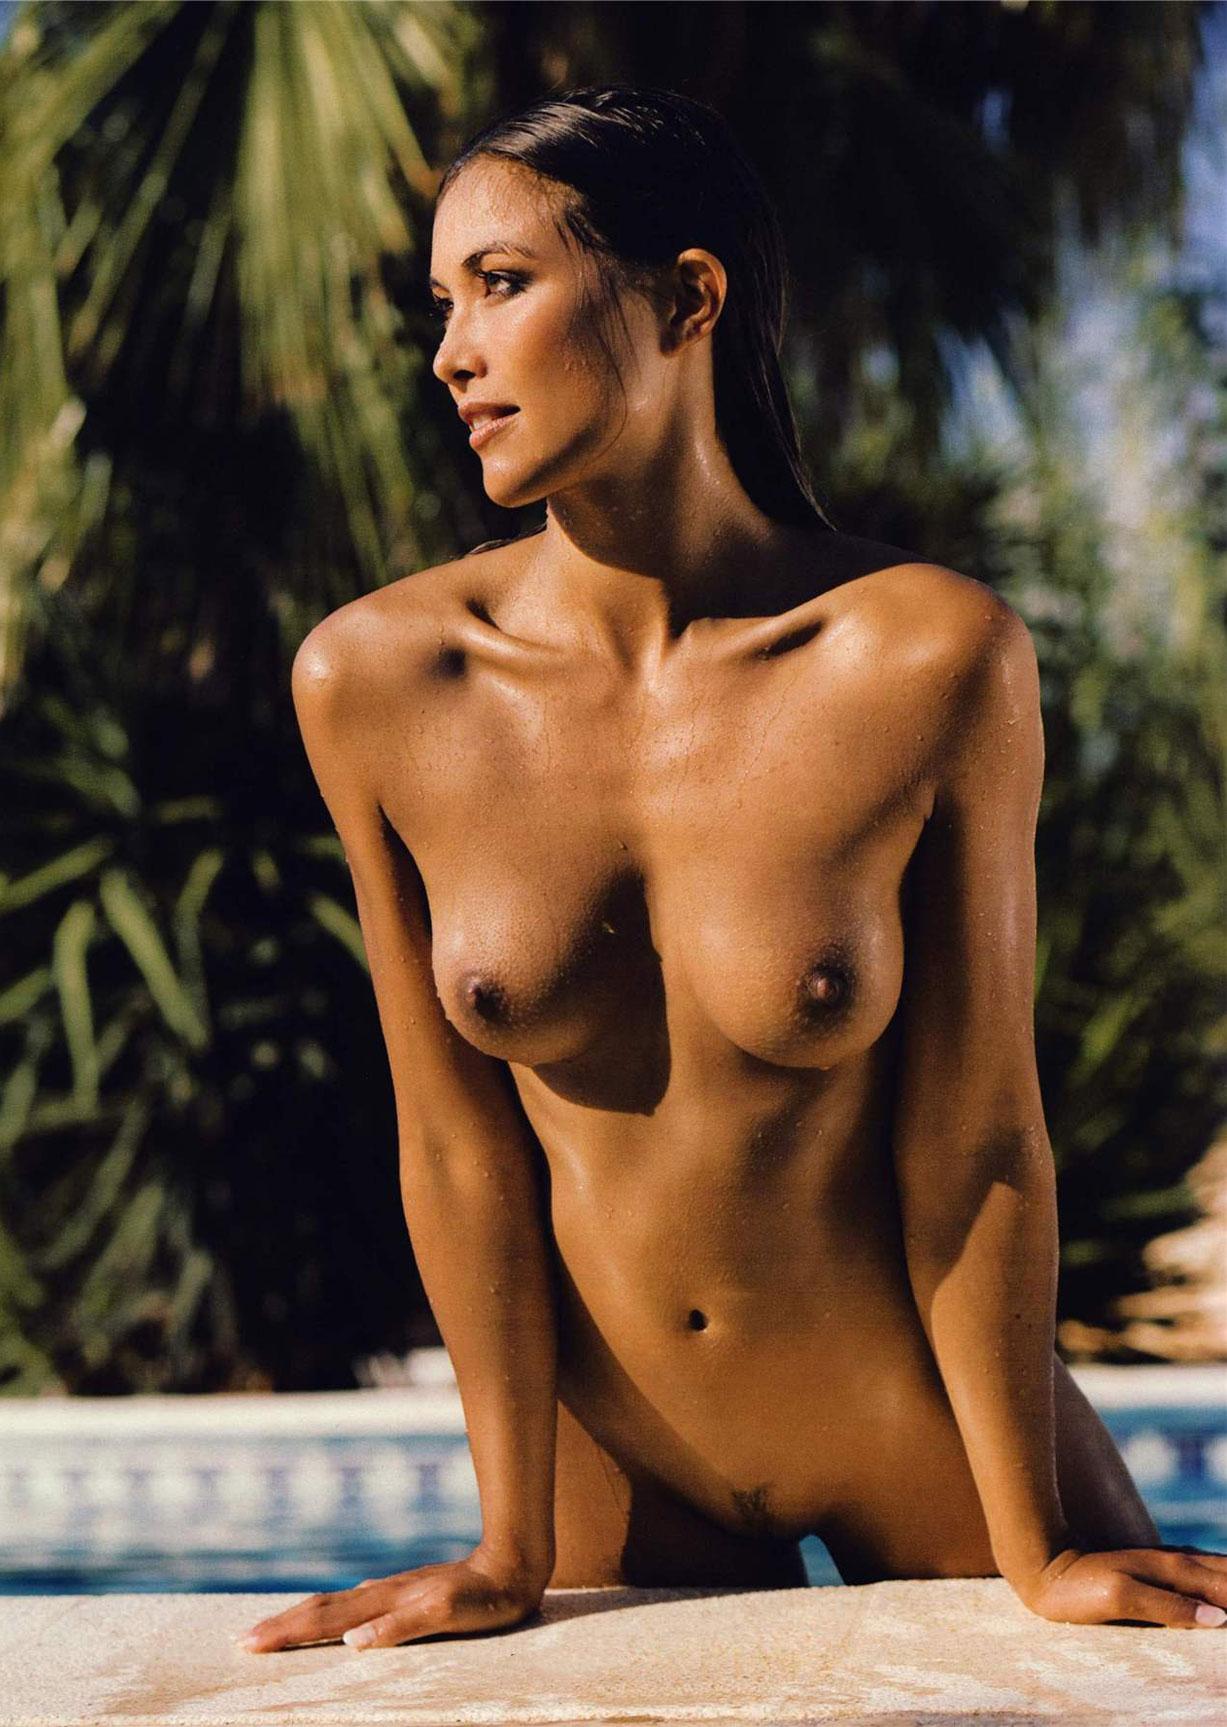 подборка фотографий сексуальных голых девушек - Irene Hoek